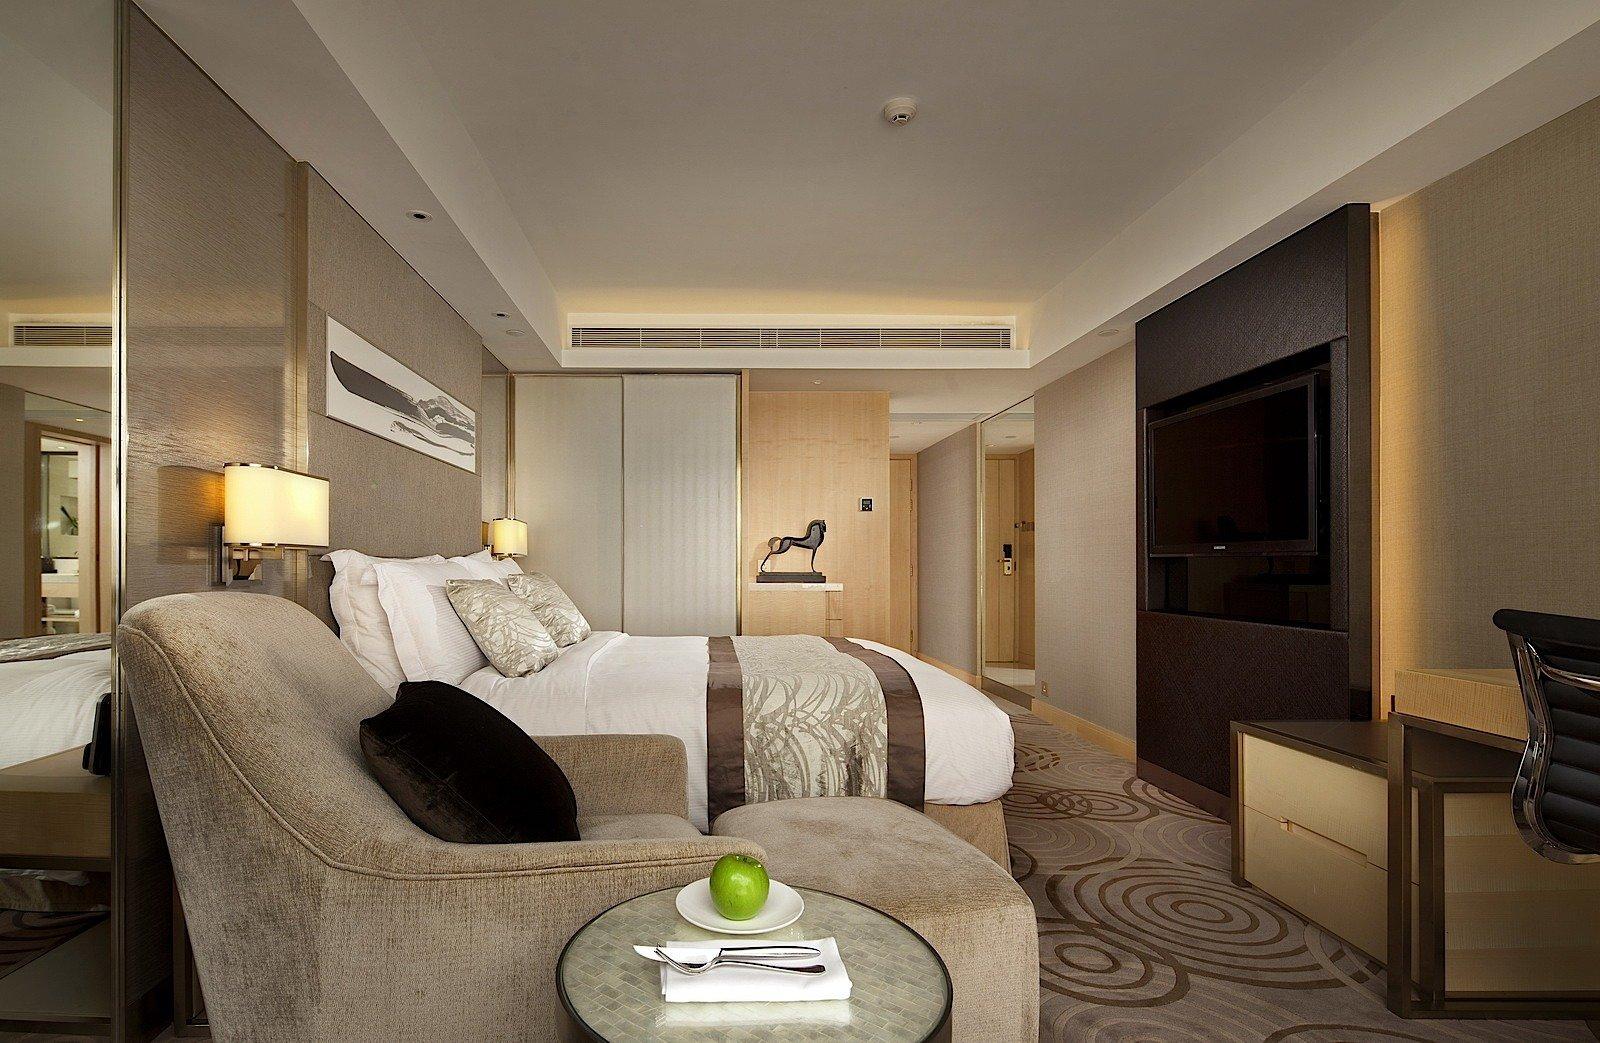 帝苑酒店 The Royal Garden-豪華客房 8h | 12:00-20:00